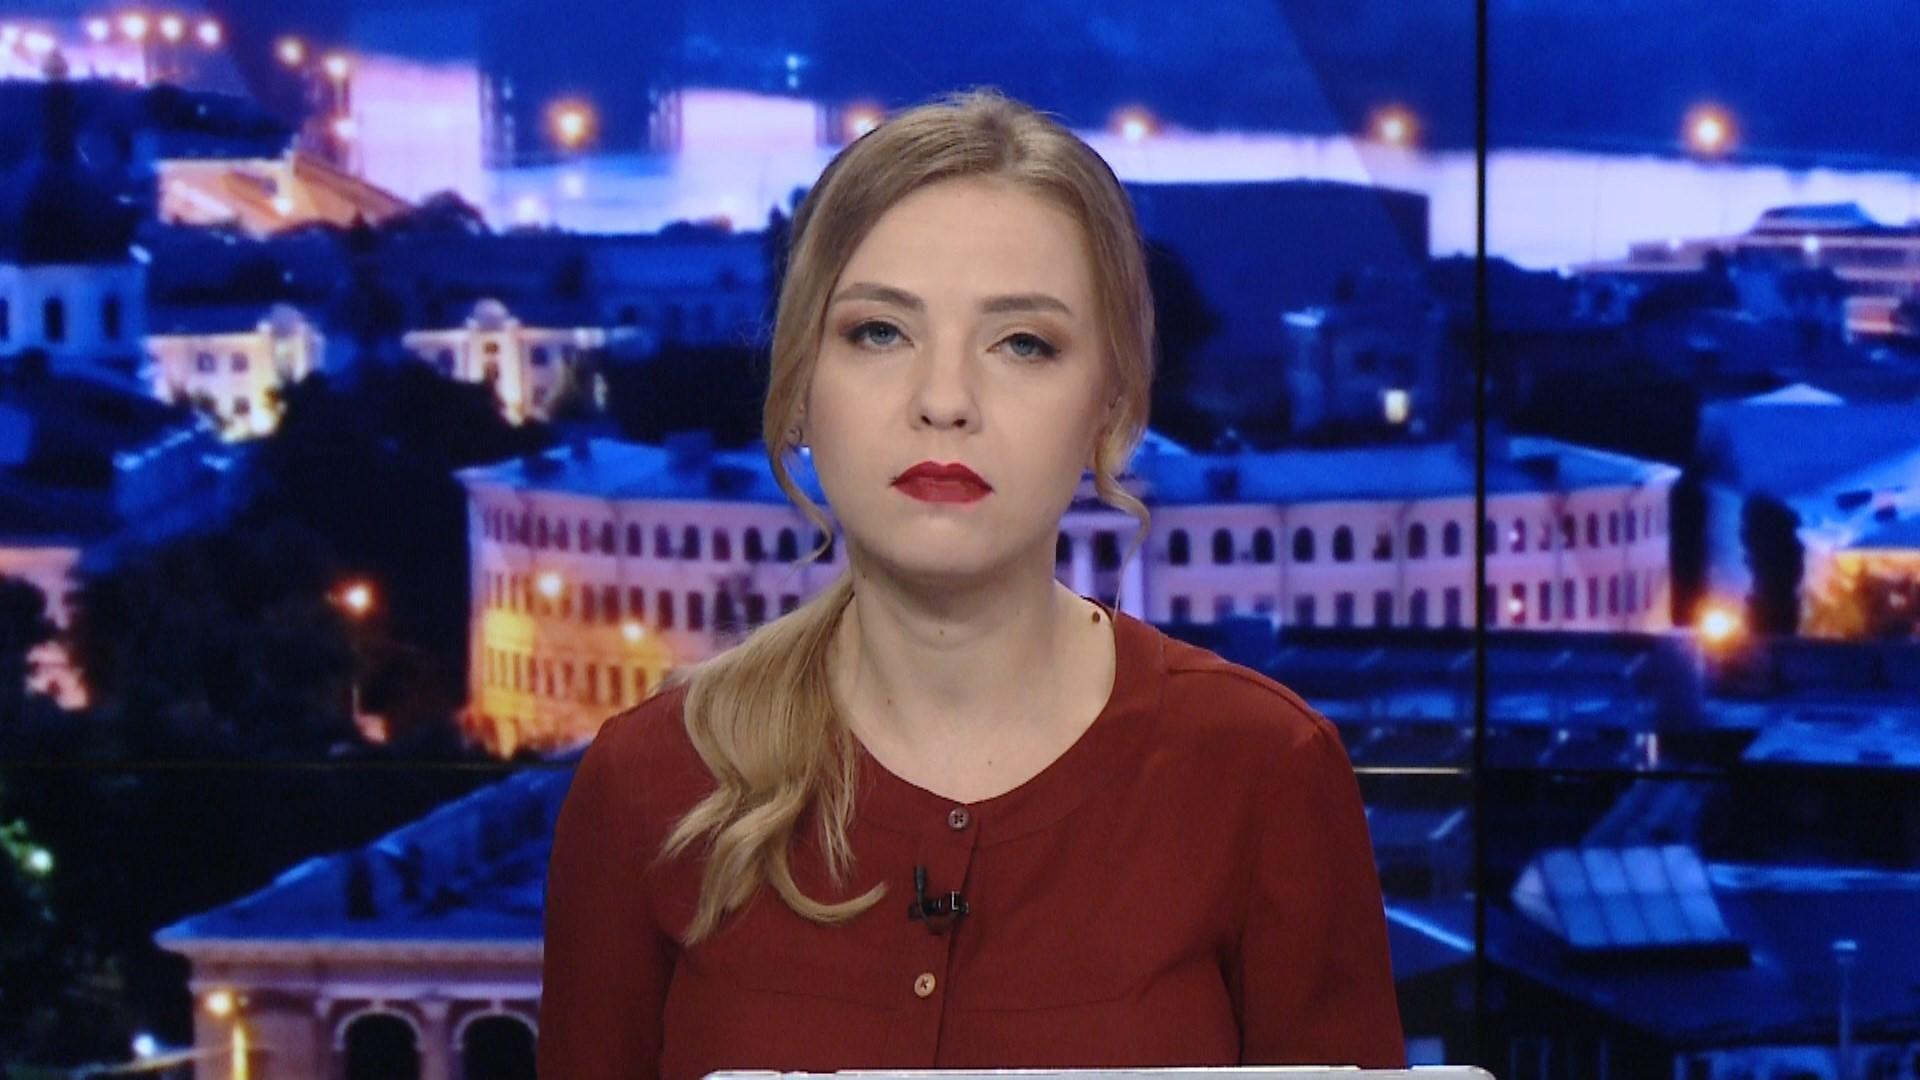 Итоговый выпуск новостей за 21:00: Разведка о наступлении России на Украину. Кулеба о Донбассе - Новости России - 24 Канал